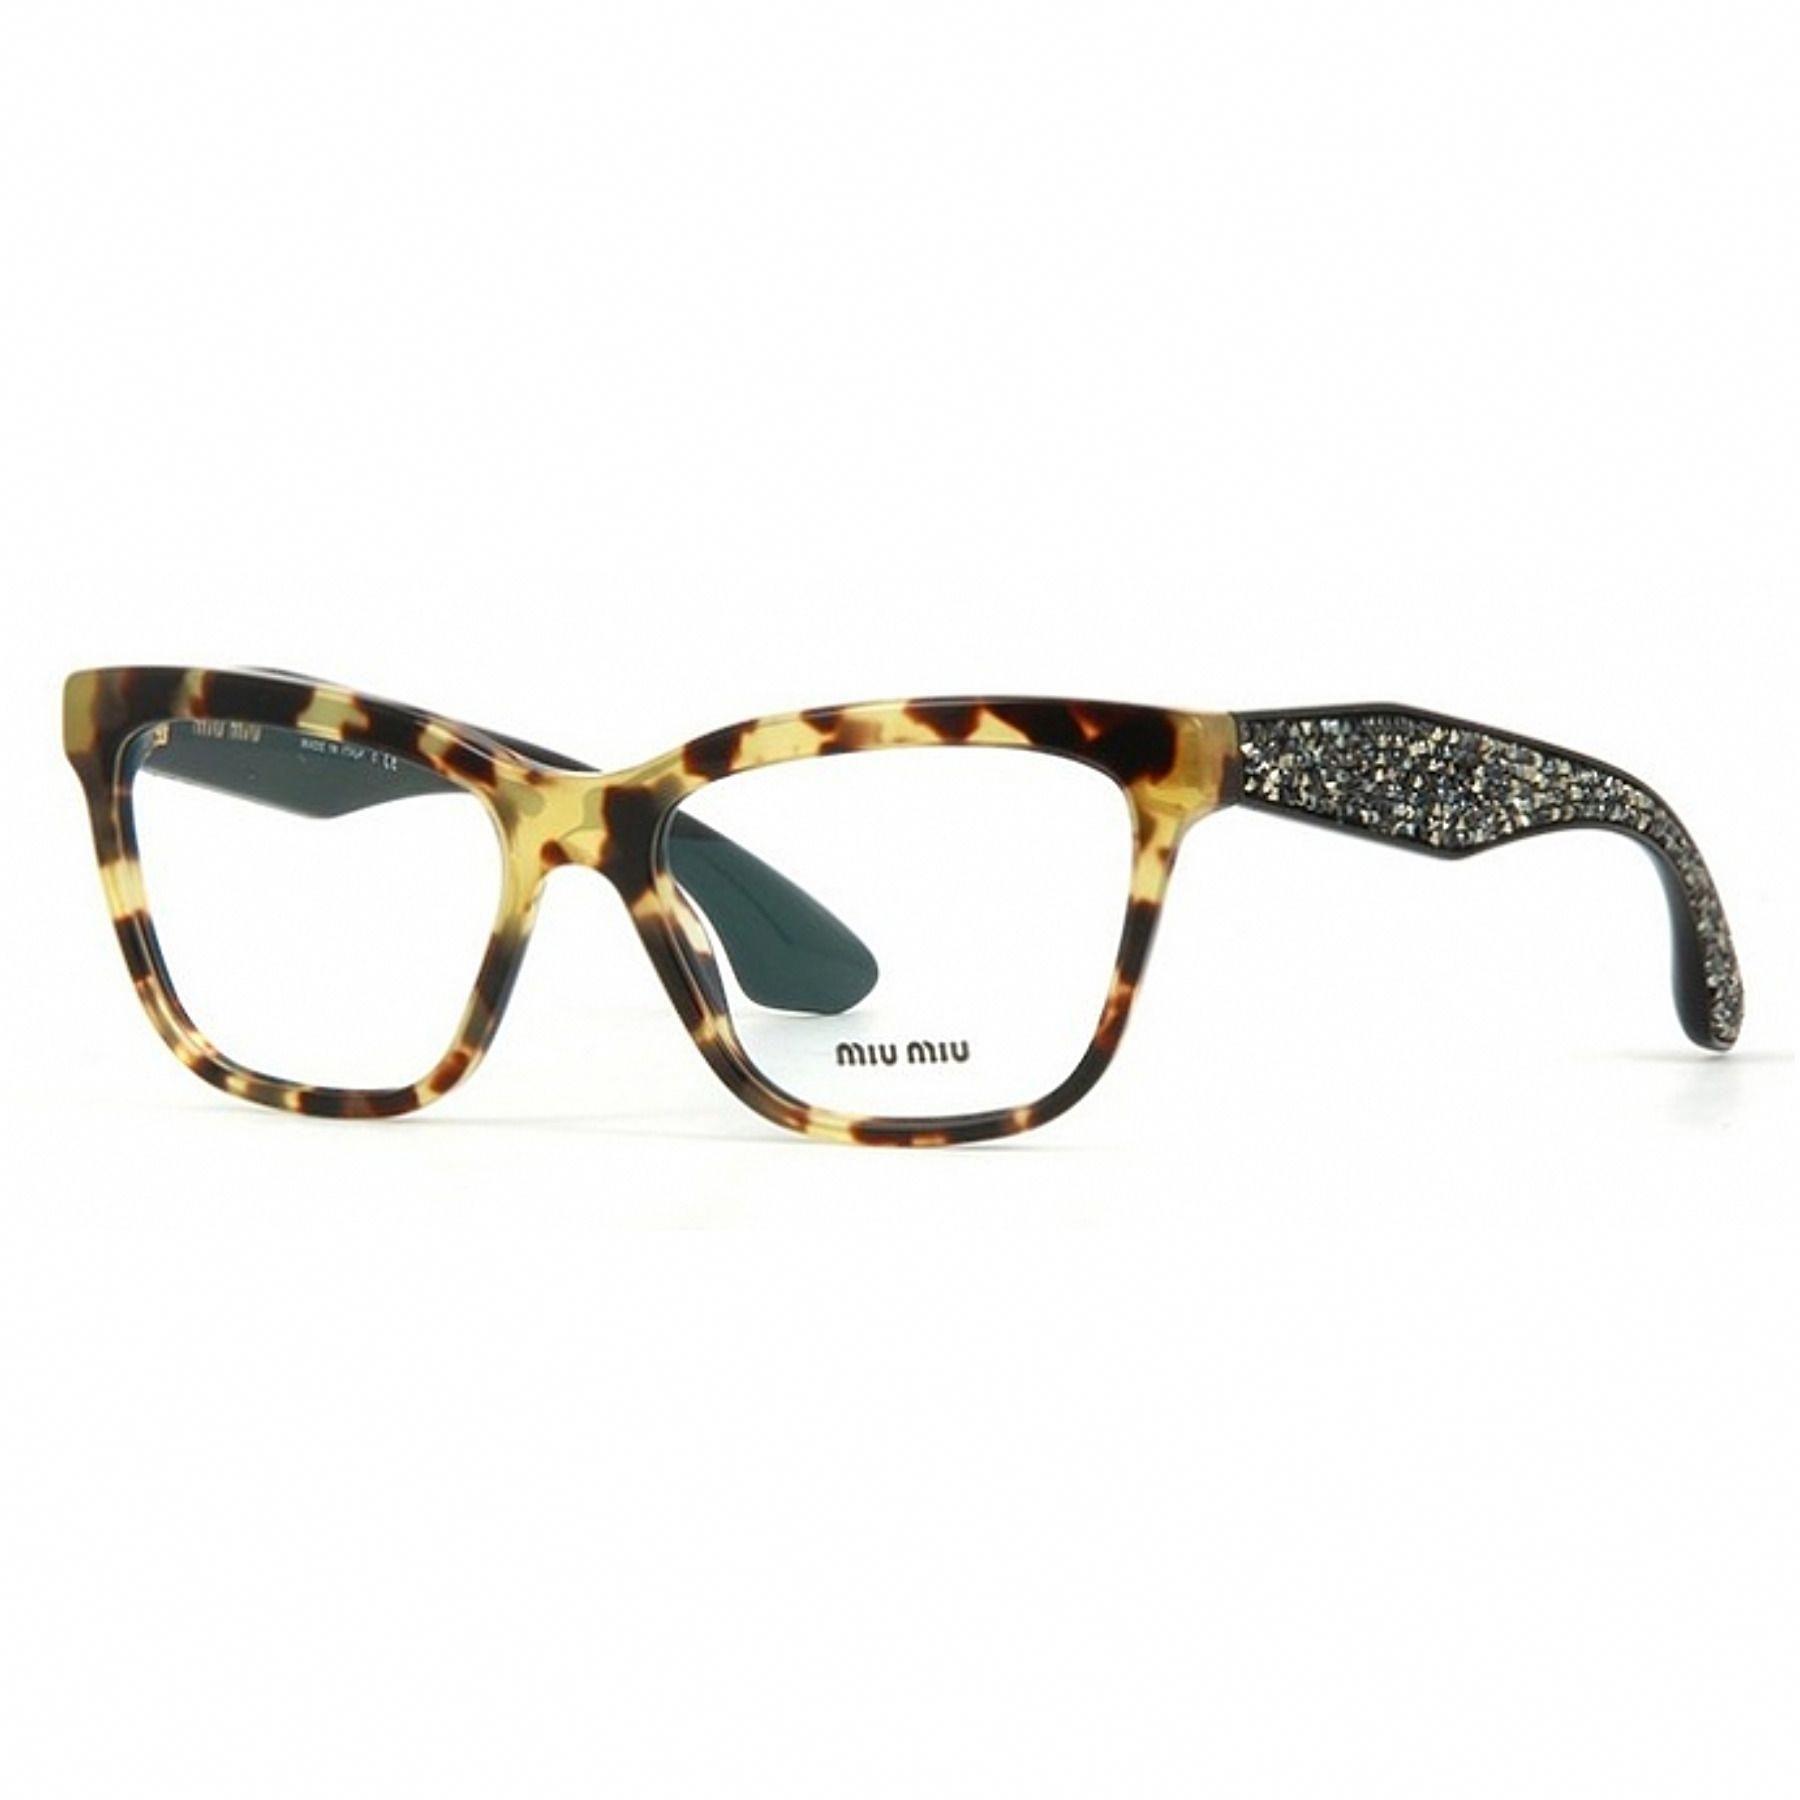 6a9bbef40318 MIU MIU 07N color 7S01O1 Eyeglasses  MiuMiu